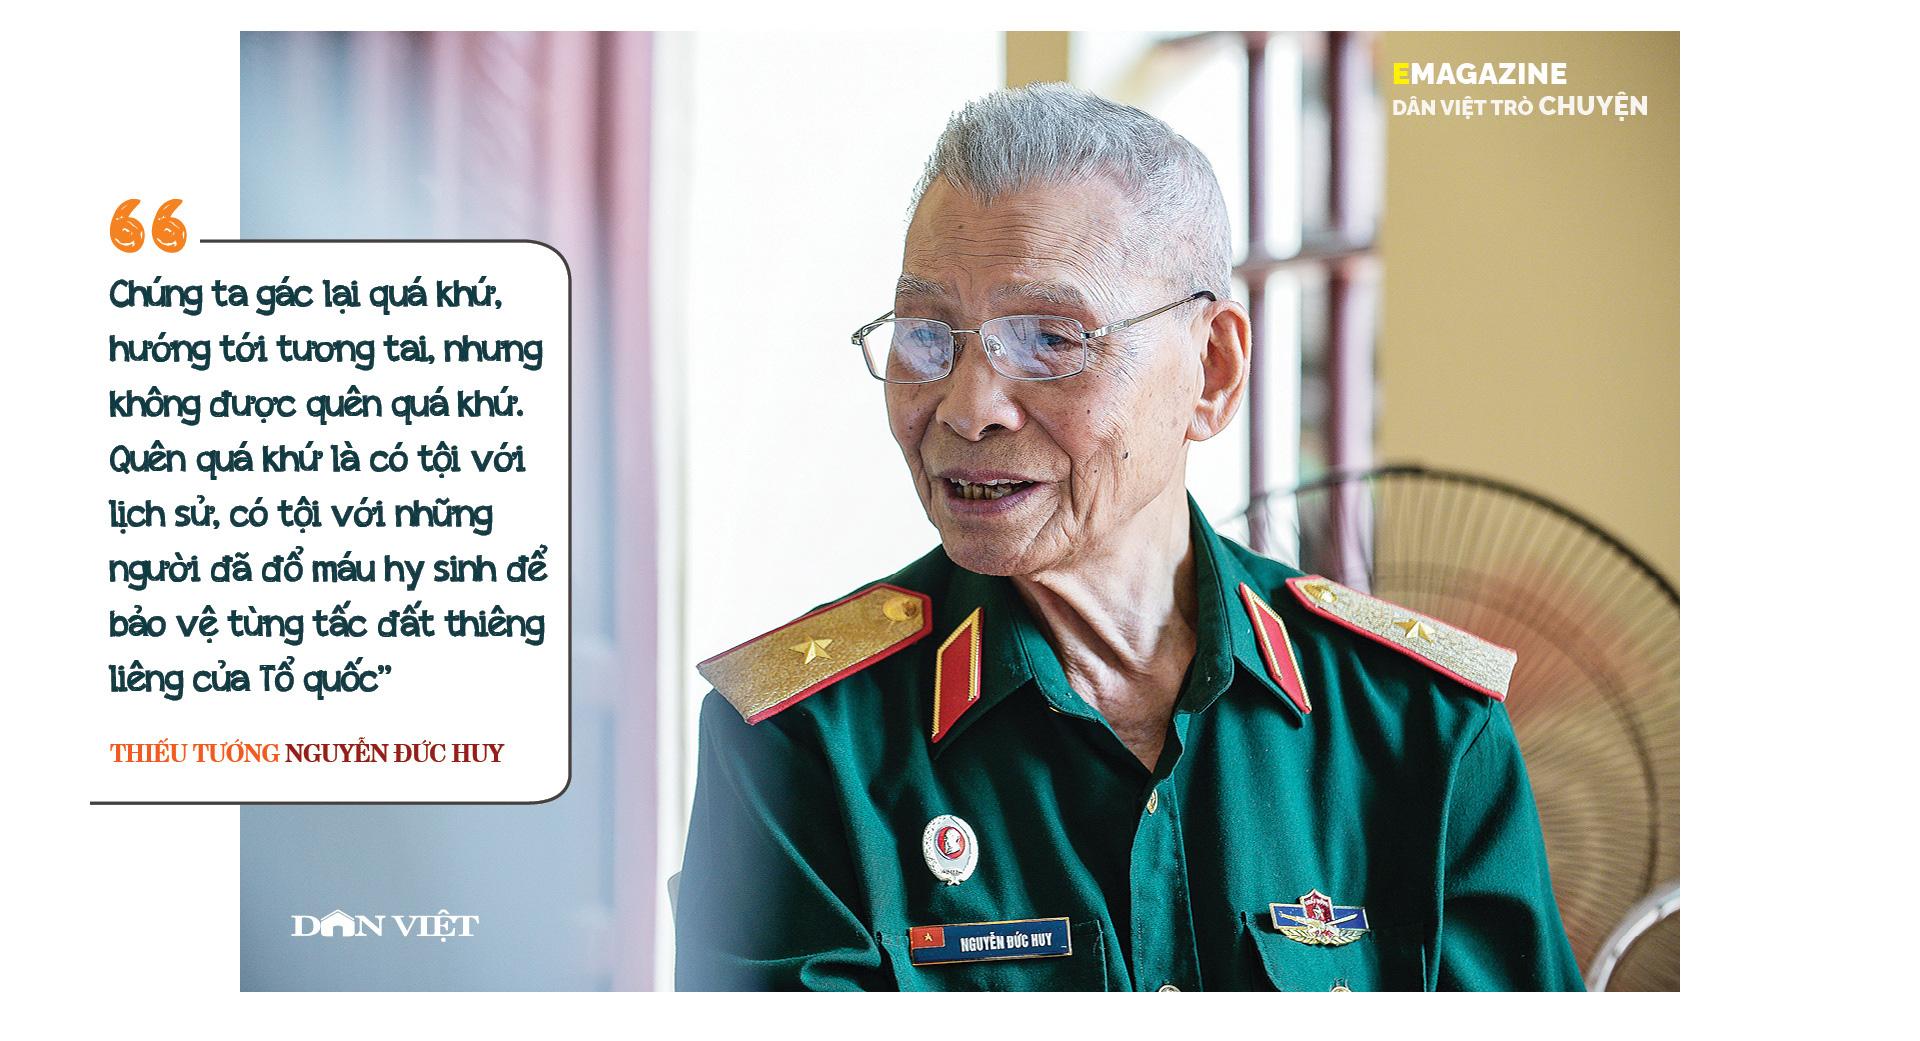 """Thiếu tướng Nguyễn Đức Huy: Vị tướng đi qua 3 cuộc chiến và nỗi sợ """"sự quyến rũ thầm lặng thời bình"""" - Ảnh 12."""